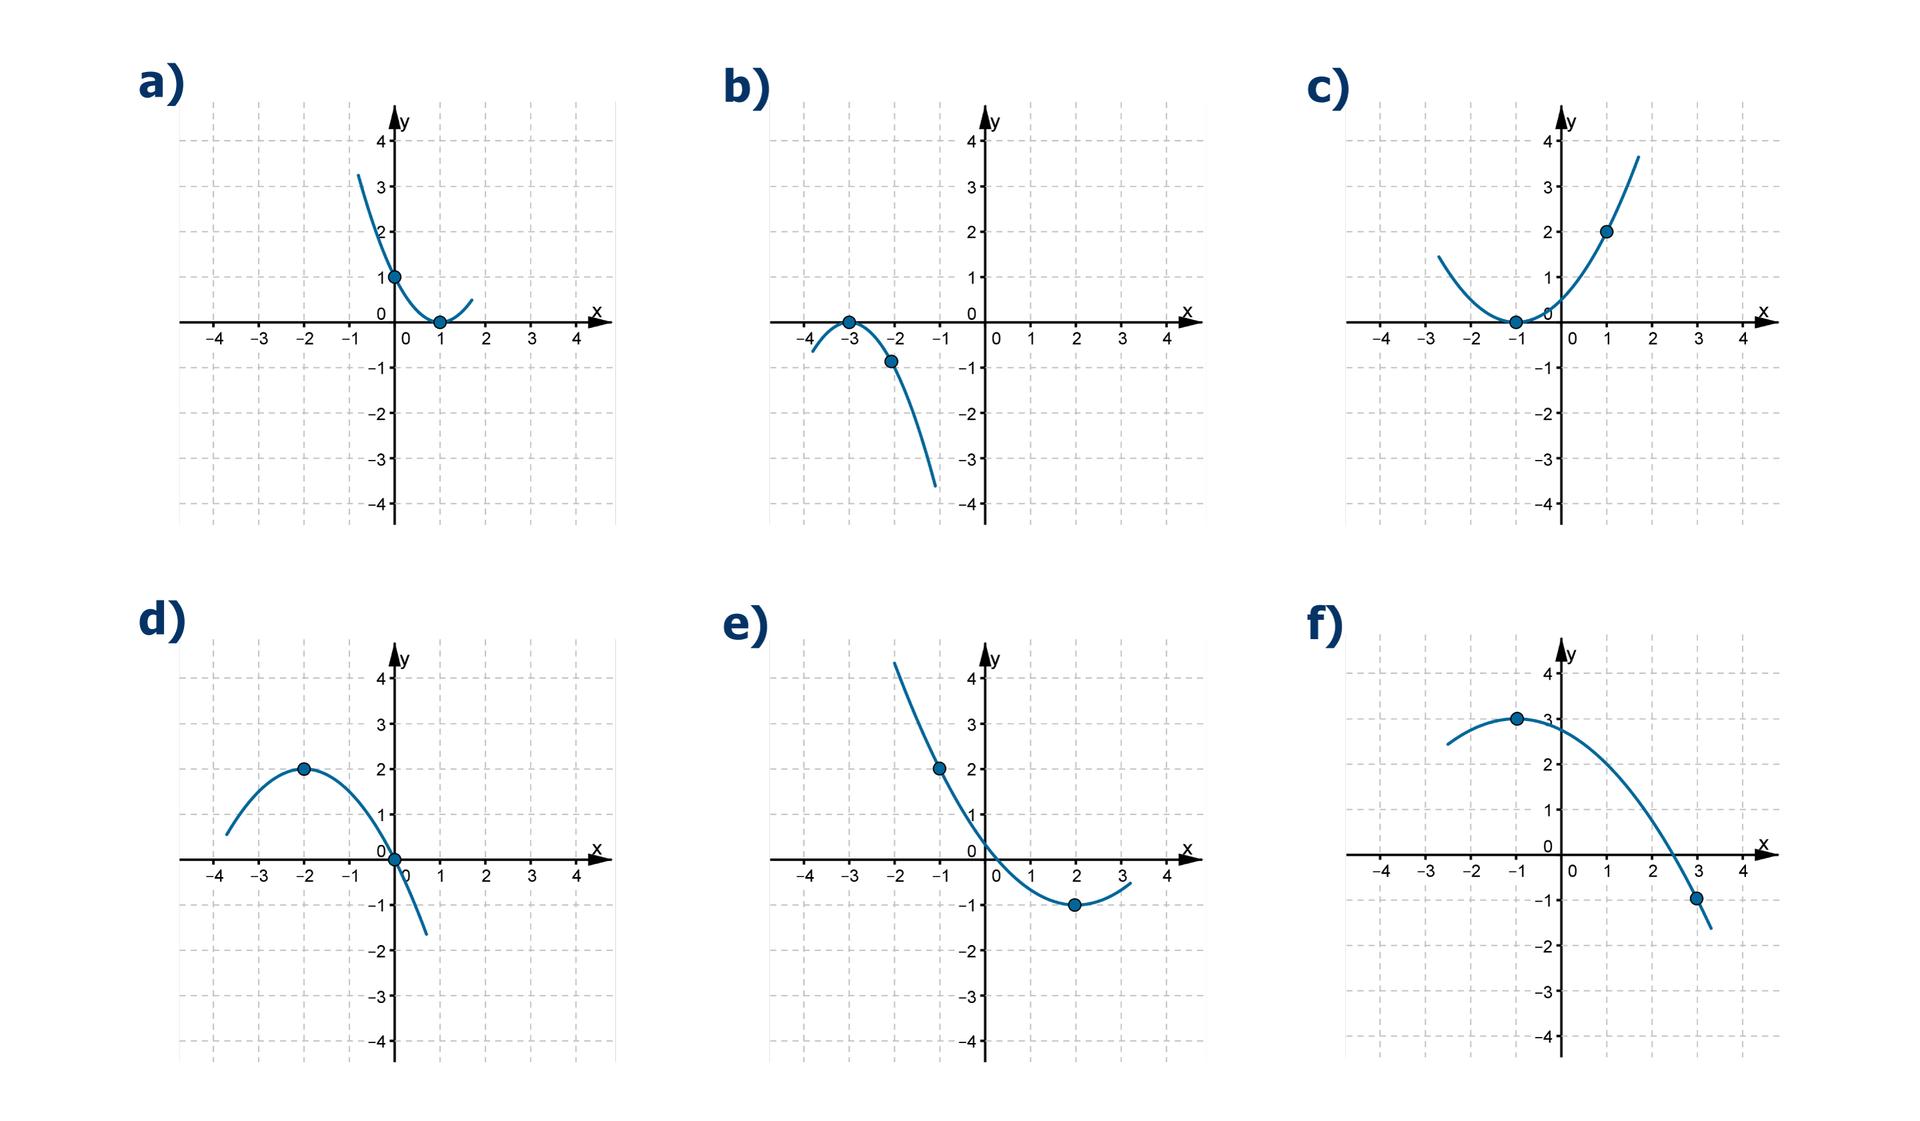 Wykresy sześciu różnych funkcji kwadratowych. Na pierwszym wykresie wierzchołek paraboli ma współrzędne (1, 0). Do wykresu należy punkt owspółrzędnych (0, 1). Na drugim wykresie wierzchołek paraboli ma współrzędne (-3, 0). Do wykresu należy punkt owspółrzędnych (-2, -1). Na trzecim wykresie wierzchołek paraboli ma współrzędne (-1, 0). Do wykresu należy punkt owspółrzędnych (1, 2). Na czwartym wykresie wierzchołek paraboli ma współrzędne (-2, 2). Do wykresu należy punkt owspółrzędnych (0, 0). Na piątym wykresie wierzchołek paraboli ma współrzędne (2, -1). Do wykresu należy punkt owspółrzędnych (-1, 2). Na szóstym wykresie wierzchołek paraboli ma współrzędne (-1, 3). Do wykresu należy punkt owspółrzędnych (3, -1).